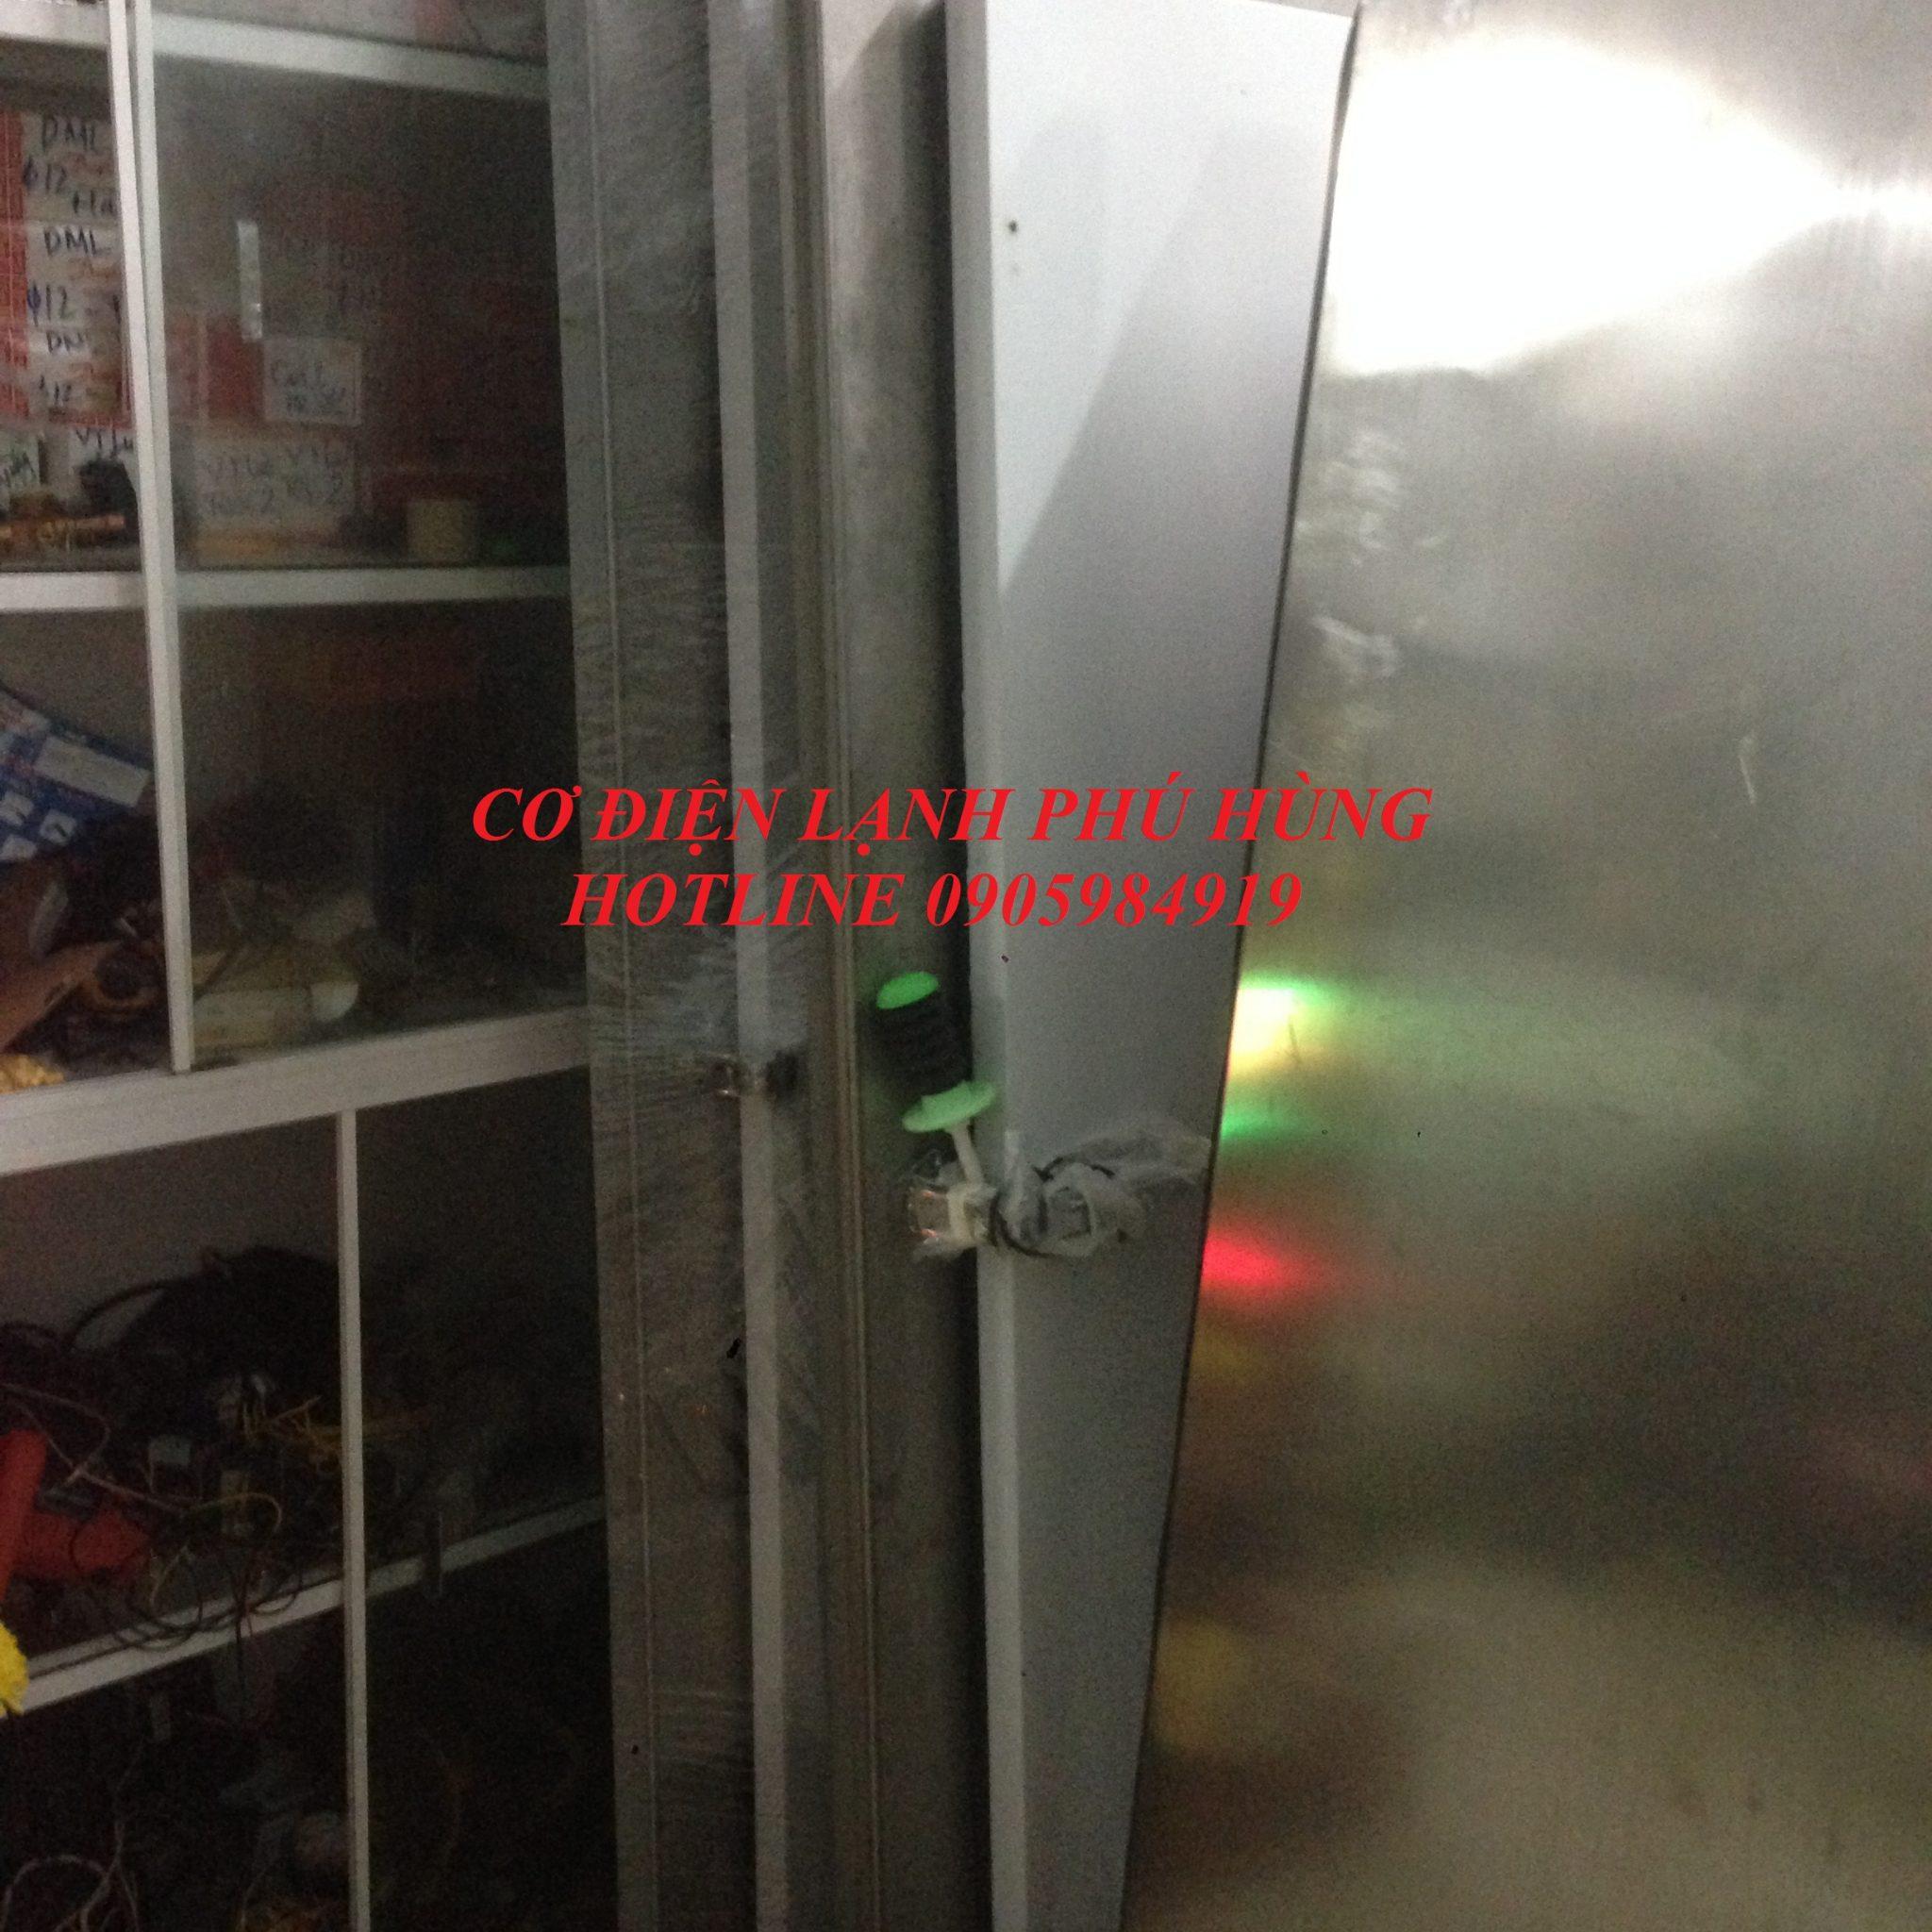 3 1 - Cung cấp cửa cách nhiệt kho lạnh tại Đà Nẵng